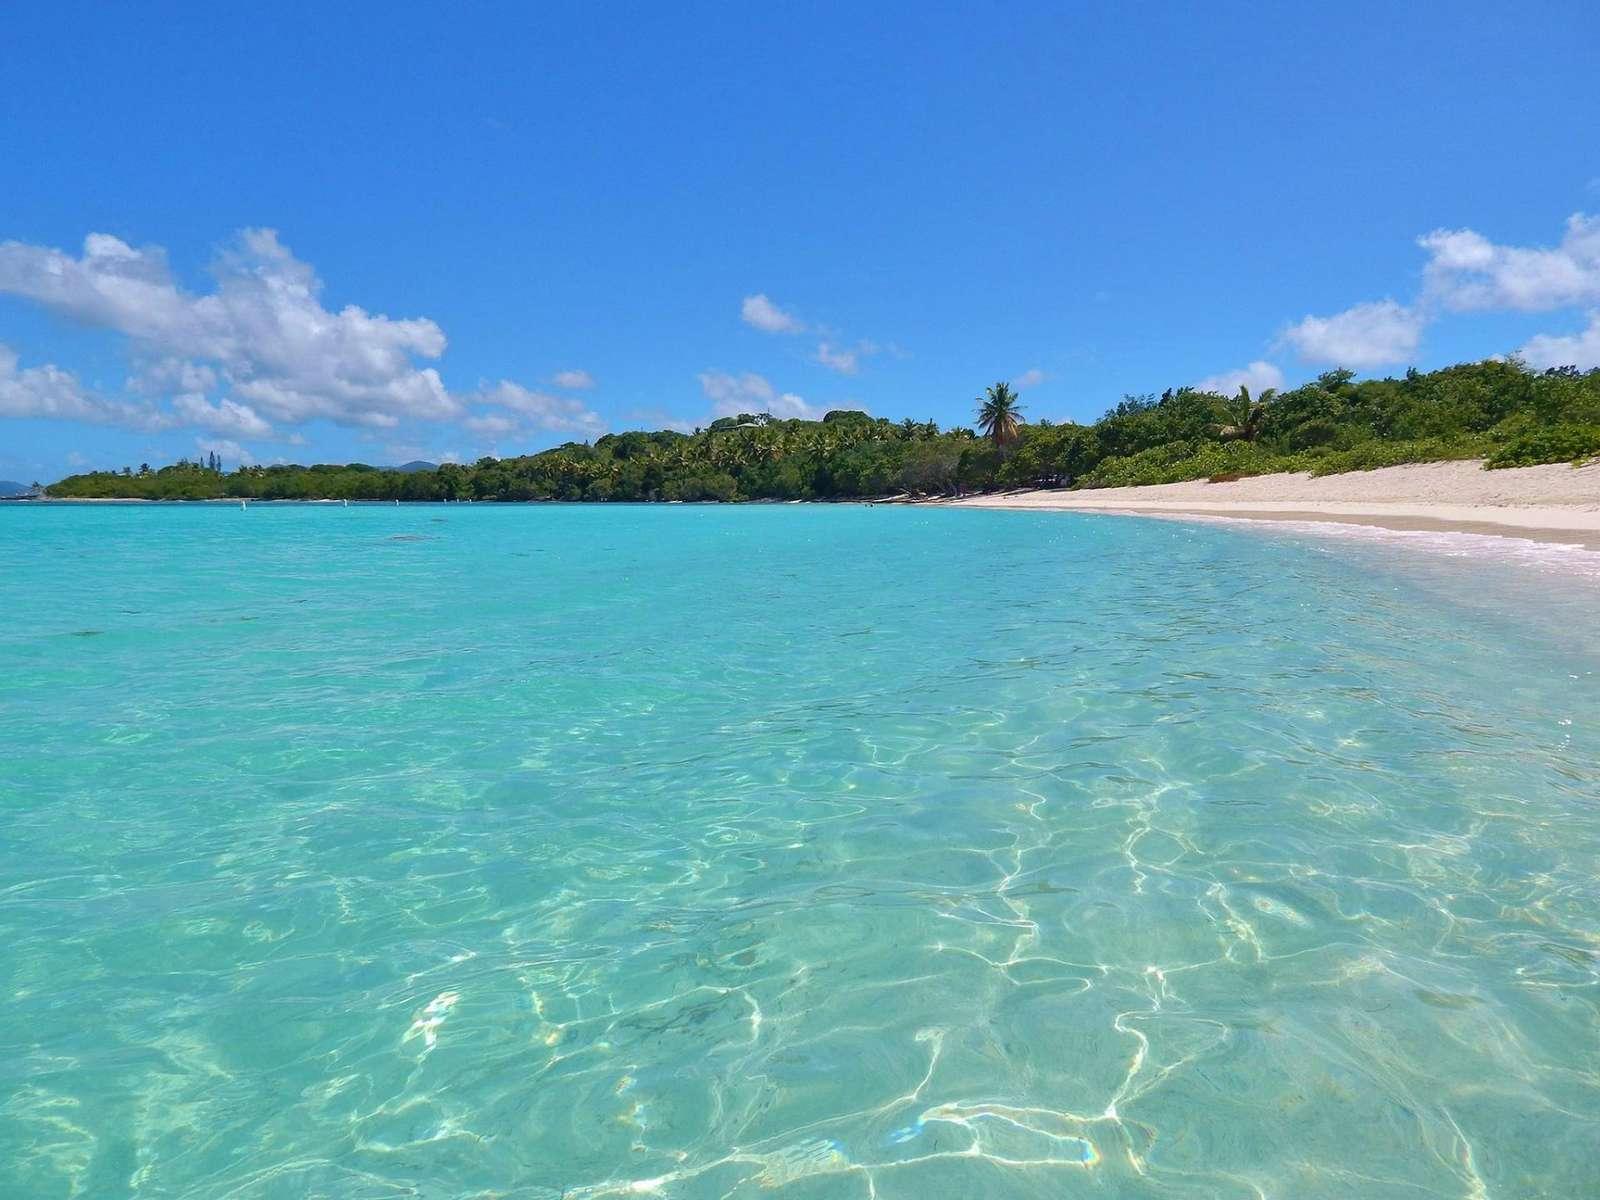 Our Favorite Beach!